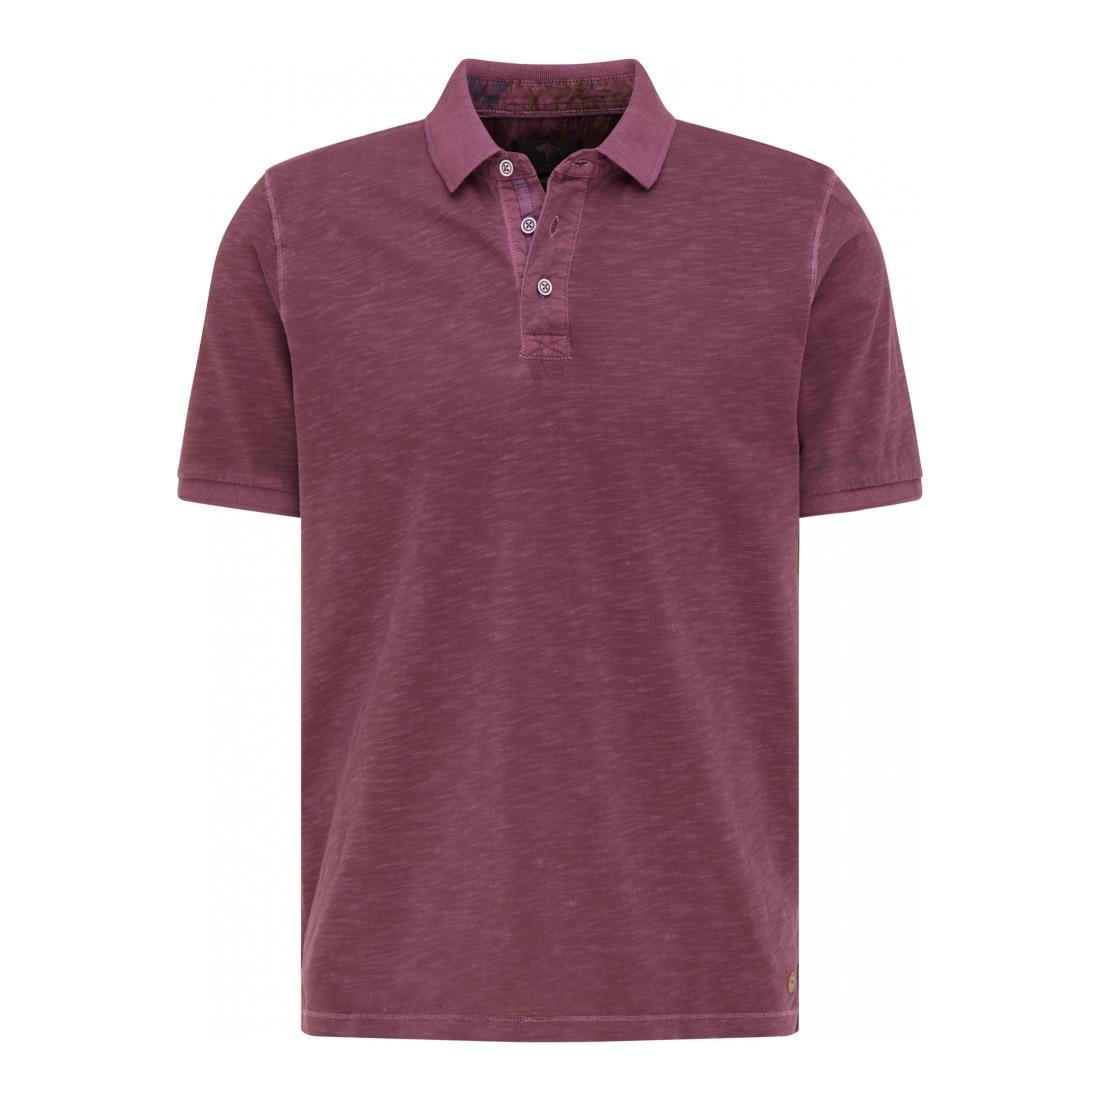 Fynch-Hatton Polo Herren Polo, Jersey, Garment Dye